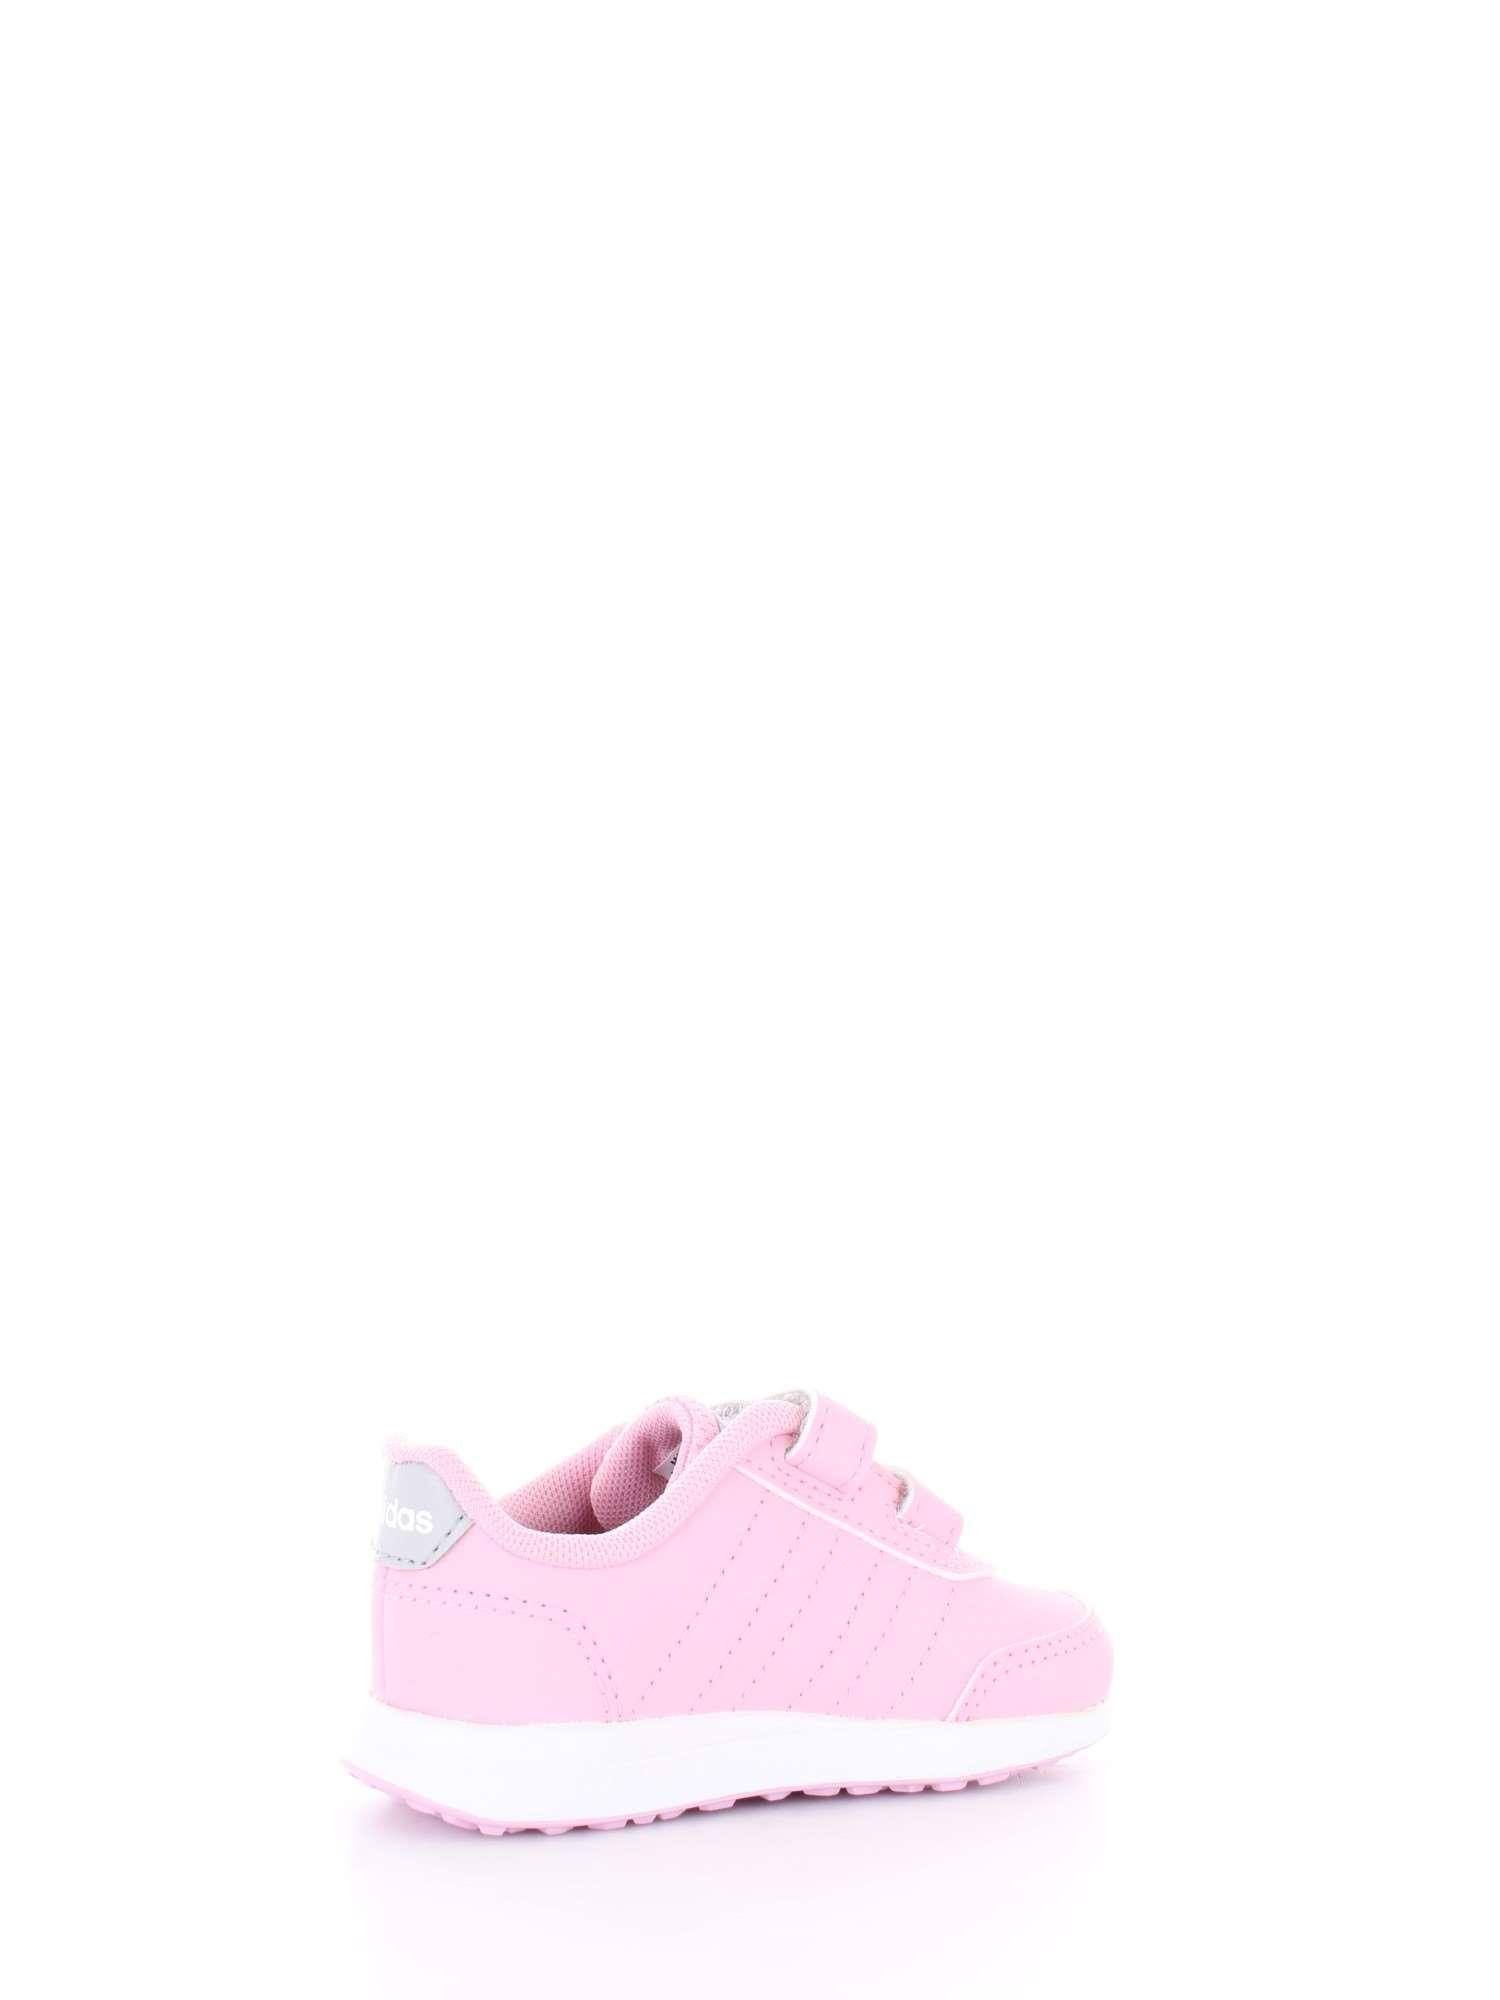 título Detalles Adidas F35700 acerca mostrar niñas primaveraverano rosa original ROSA de Zapatillas CxeBdorW